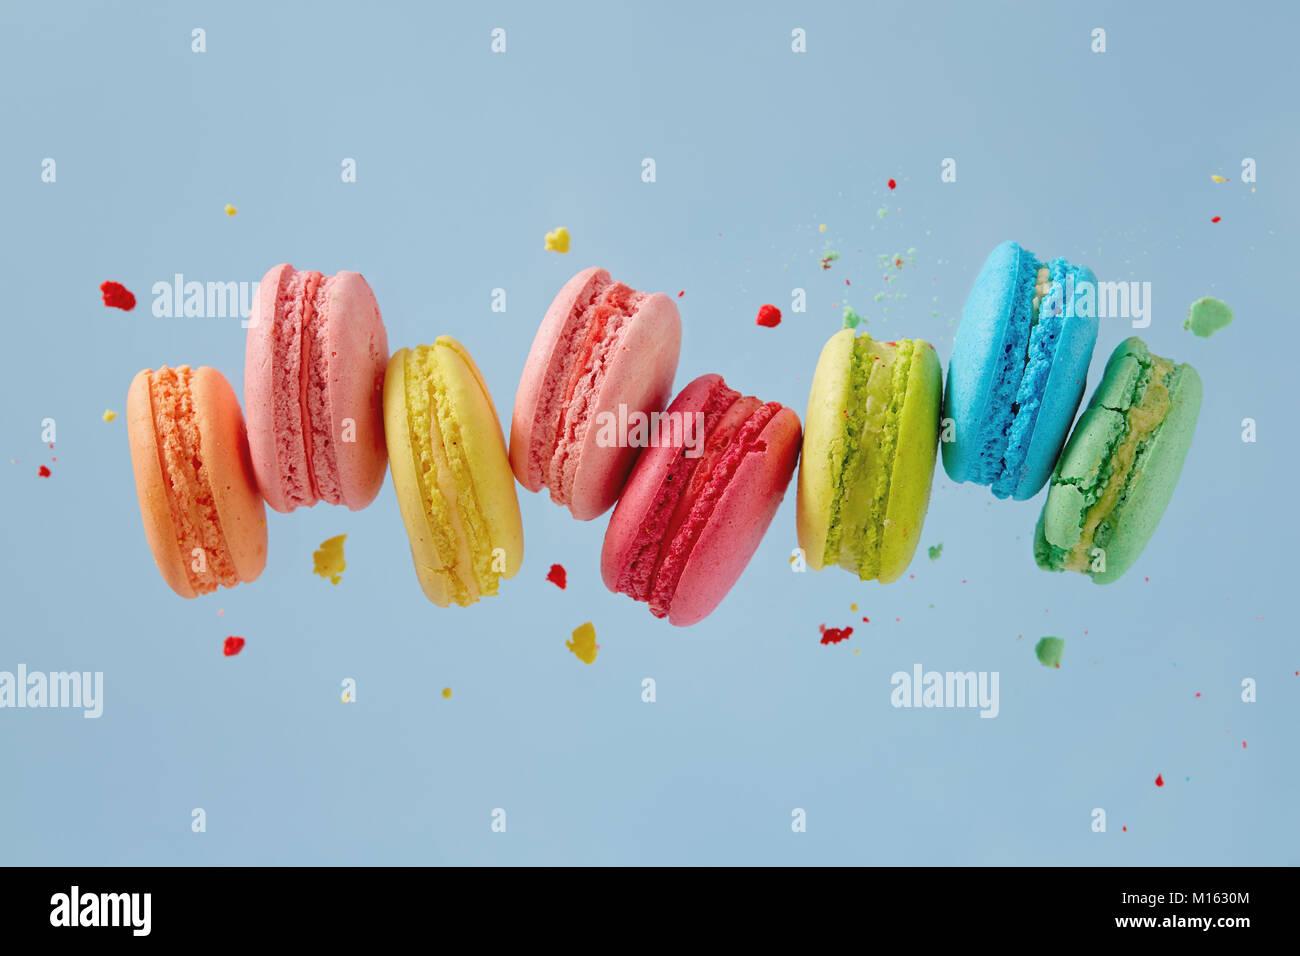 Verschiedene Arten von Makronen in Bewegung fallen auf blauem Hintergrund. Süße und bunte französische Stockbild